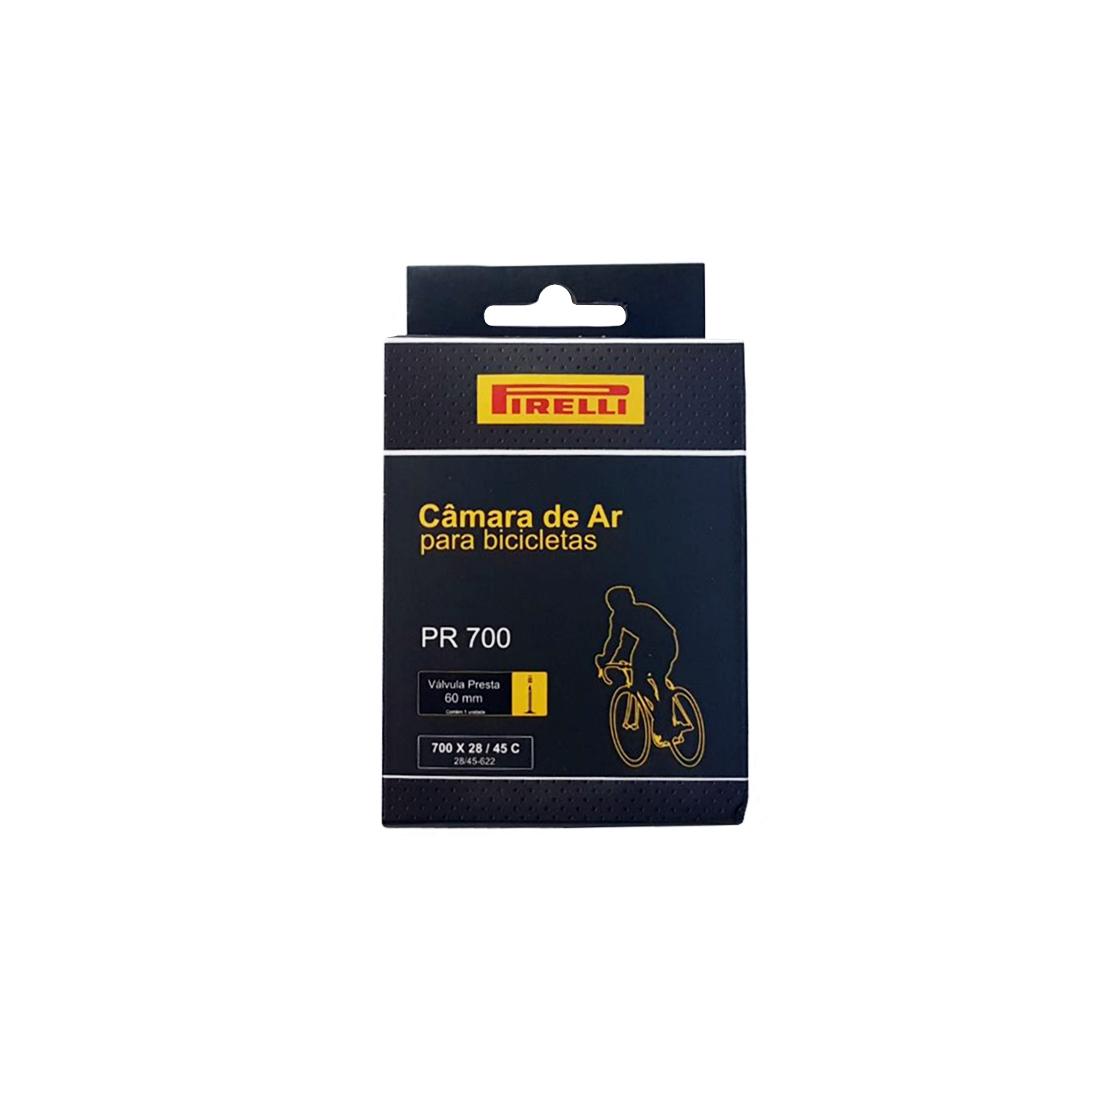 Câmara de Ar para Bicicleta Speed Pirelli 700x28/45 Bico Fino 60mm